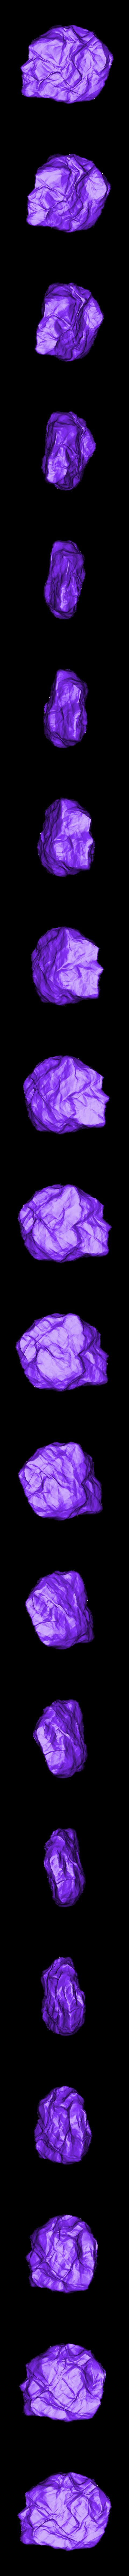 rock_SubTool4.stl Télécharger fichier STL gratuit Roches pour le wargame (collection de 18 roches haute résolution) • Design pour impression 3D, BREXIT